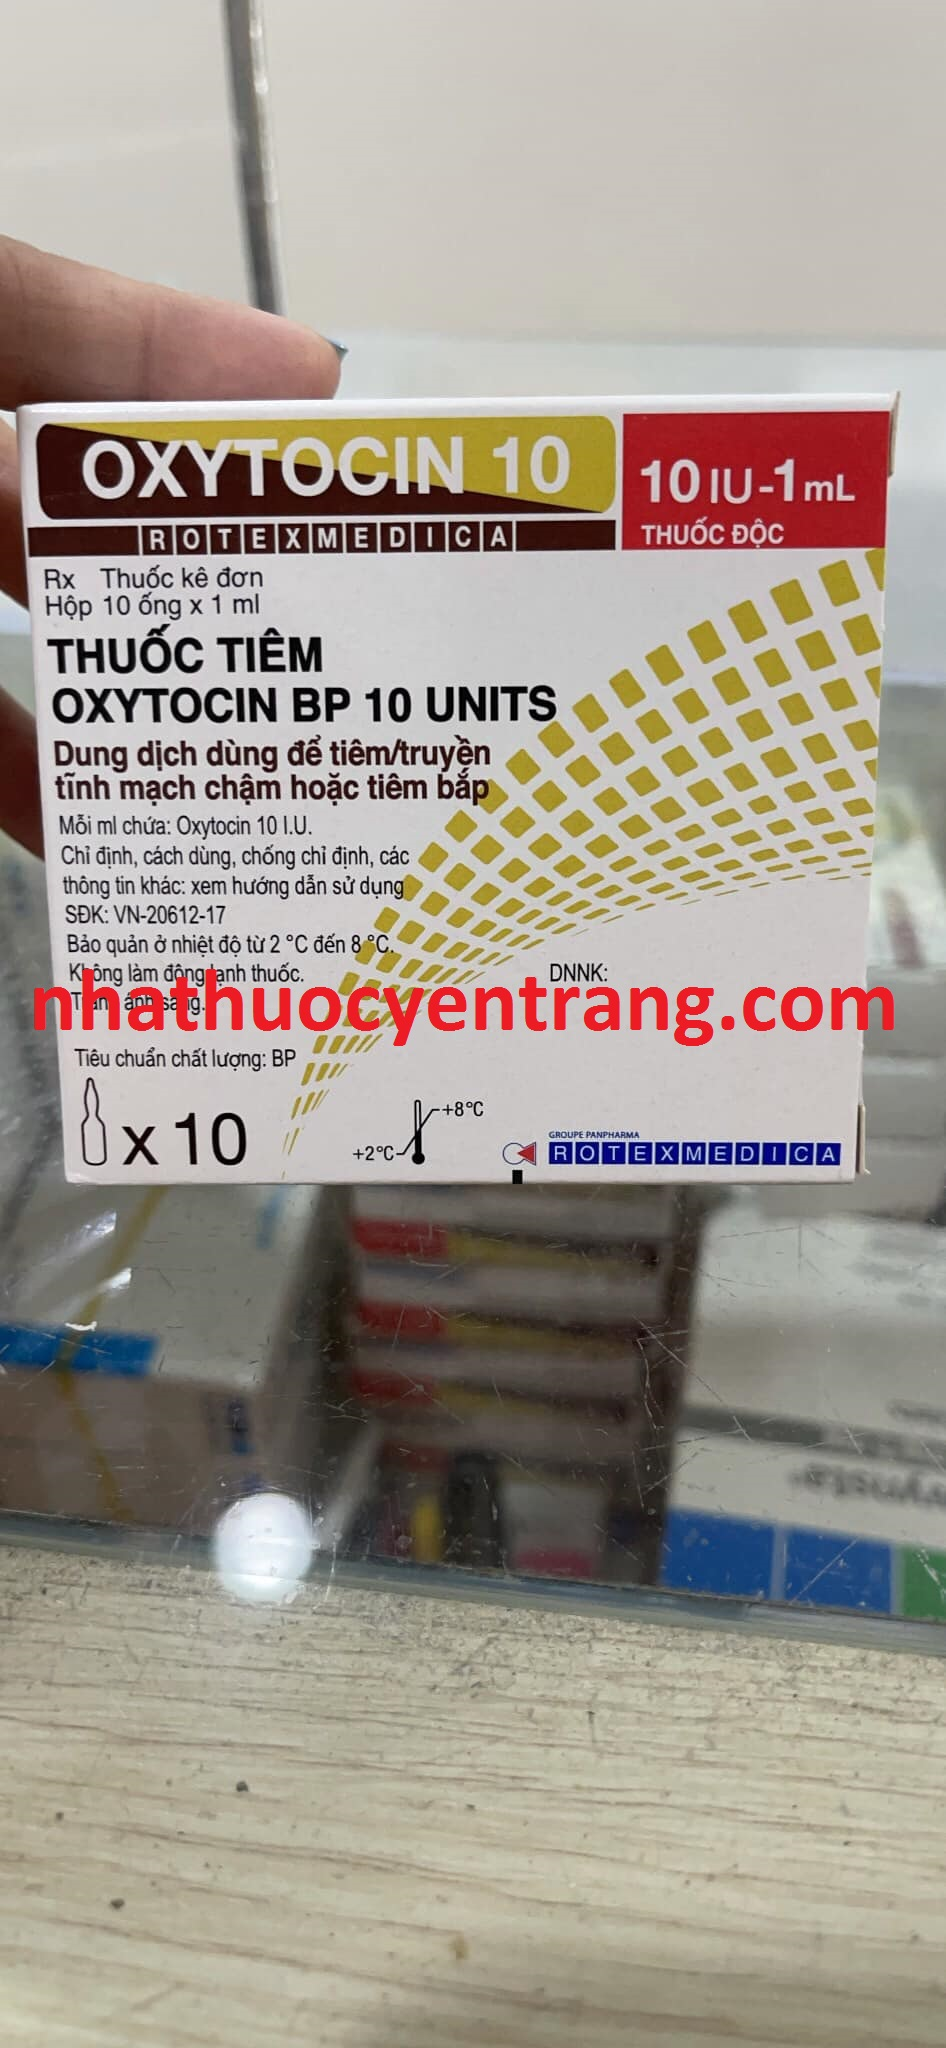 Oxytocin 10 IU/ml